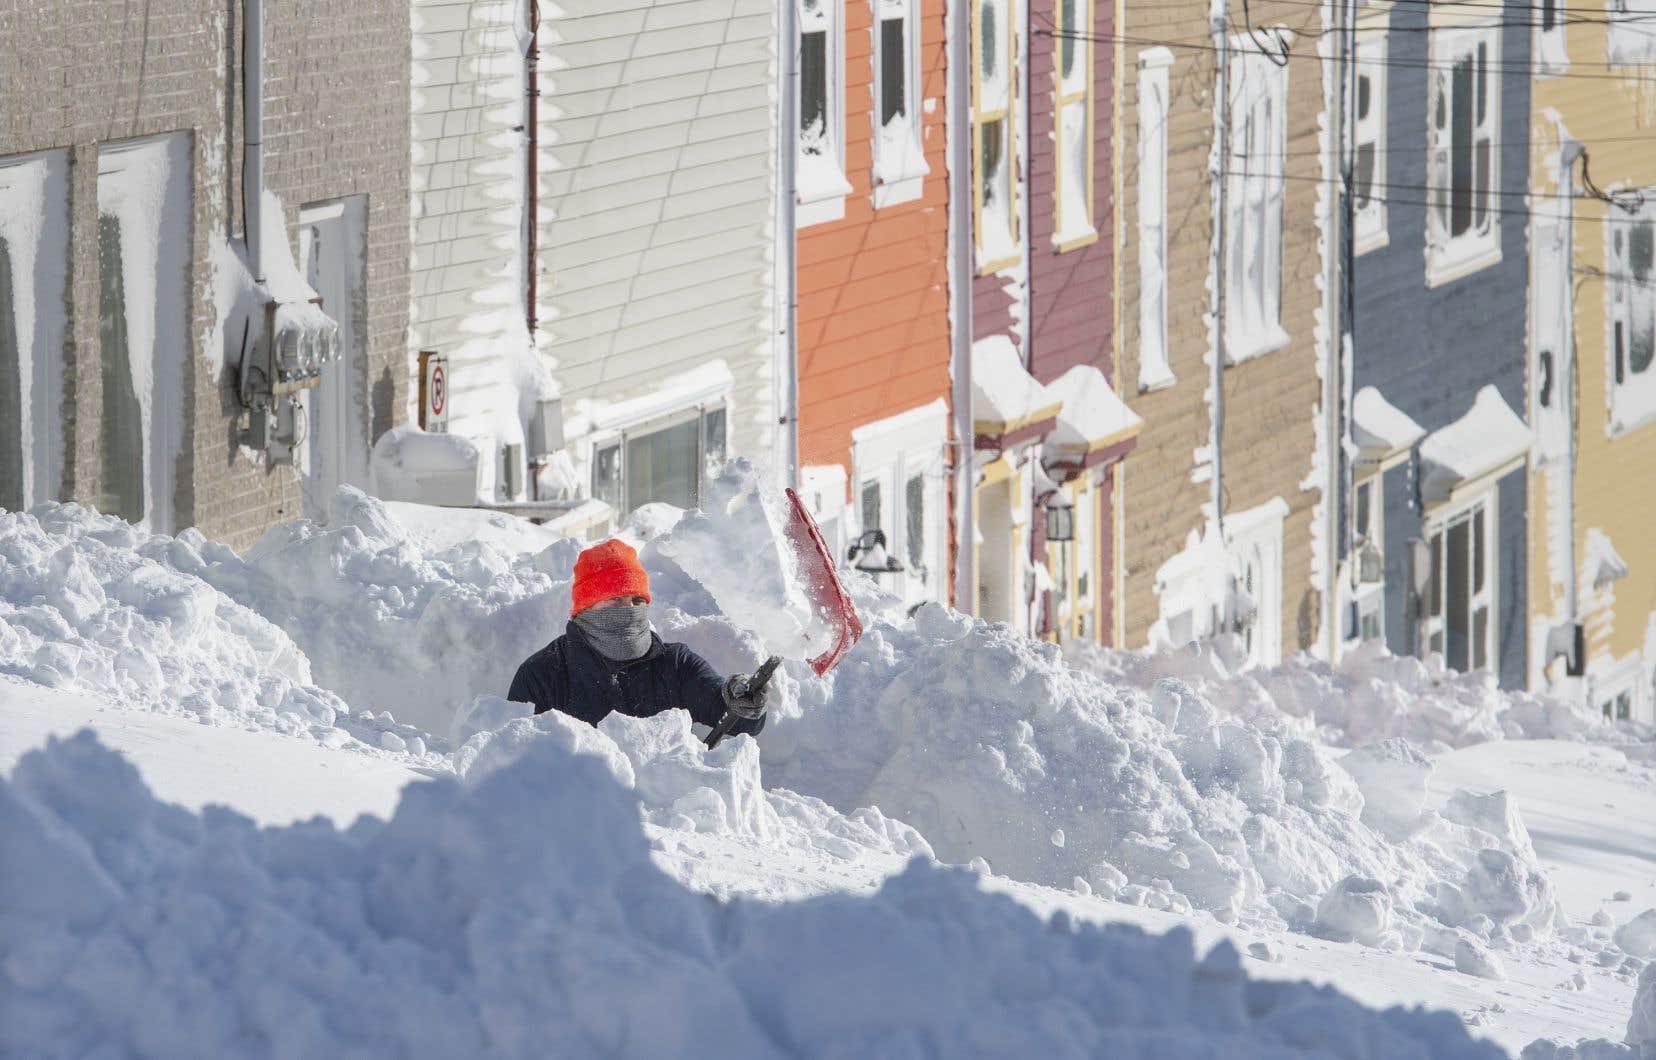 Les précipitations ont dépassé les 70 centimètres de neige dans certains secteurs.